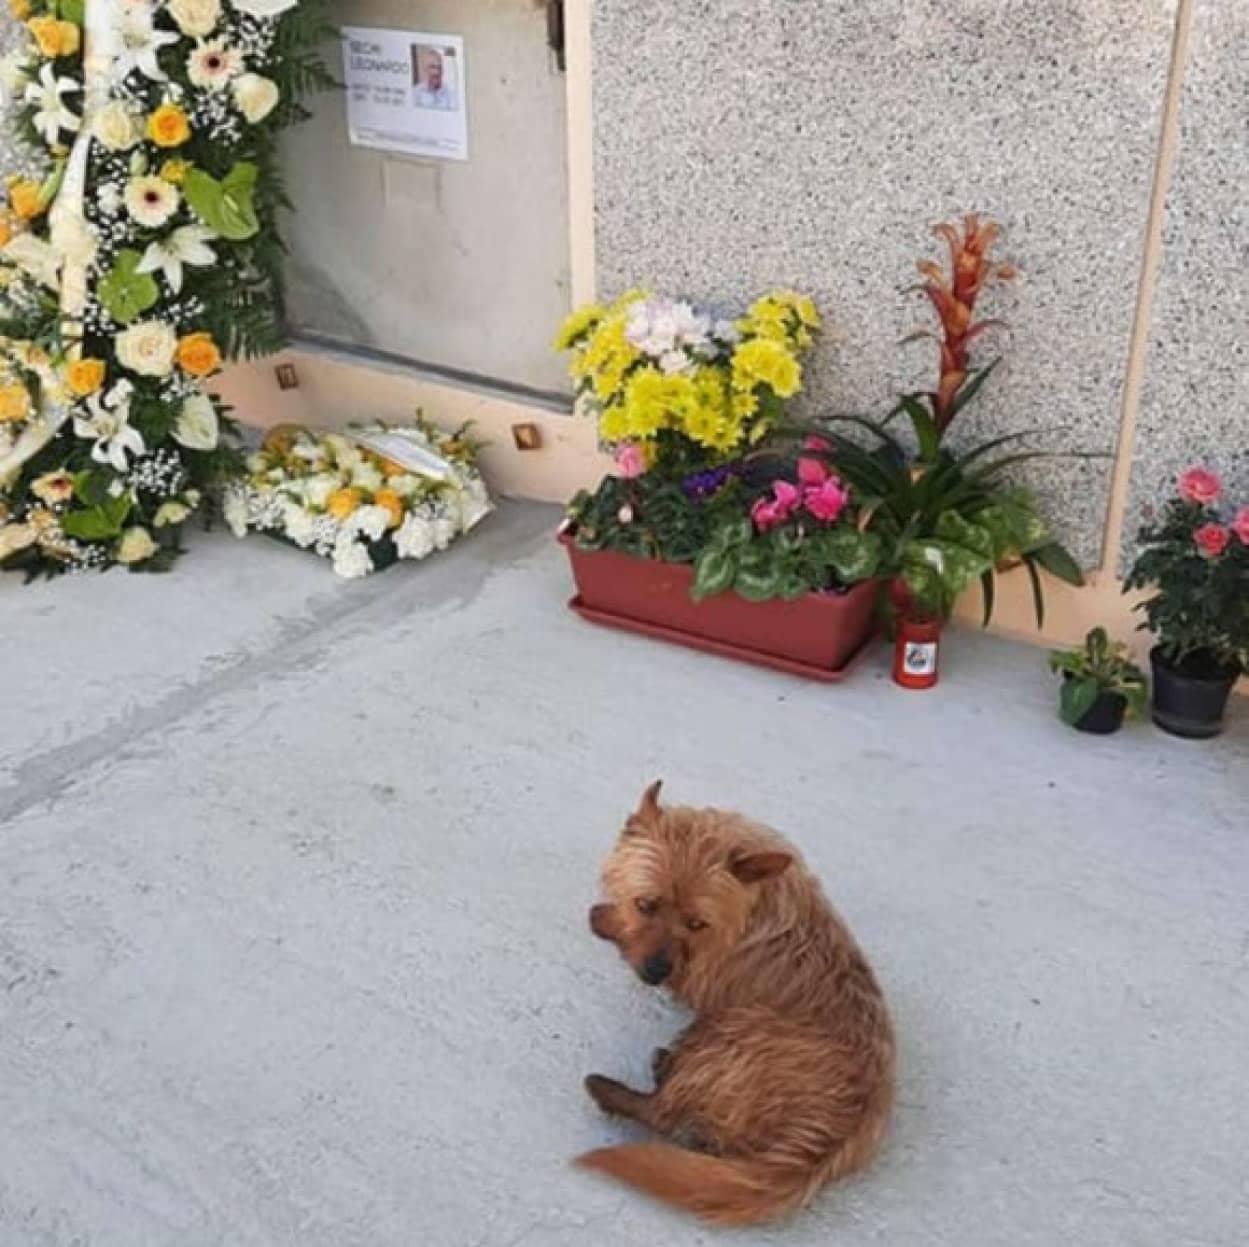 飼い主のお墓の場所を探し出し、毎日お墓参りする犬